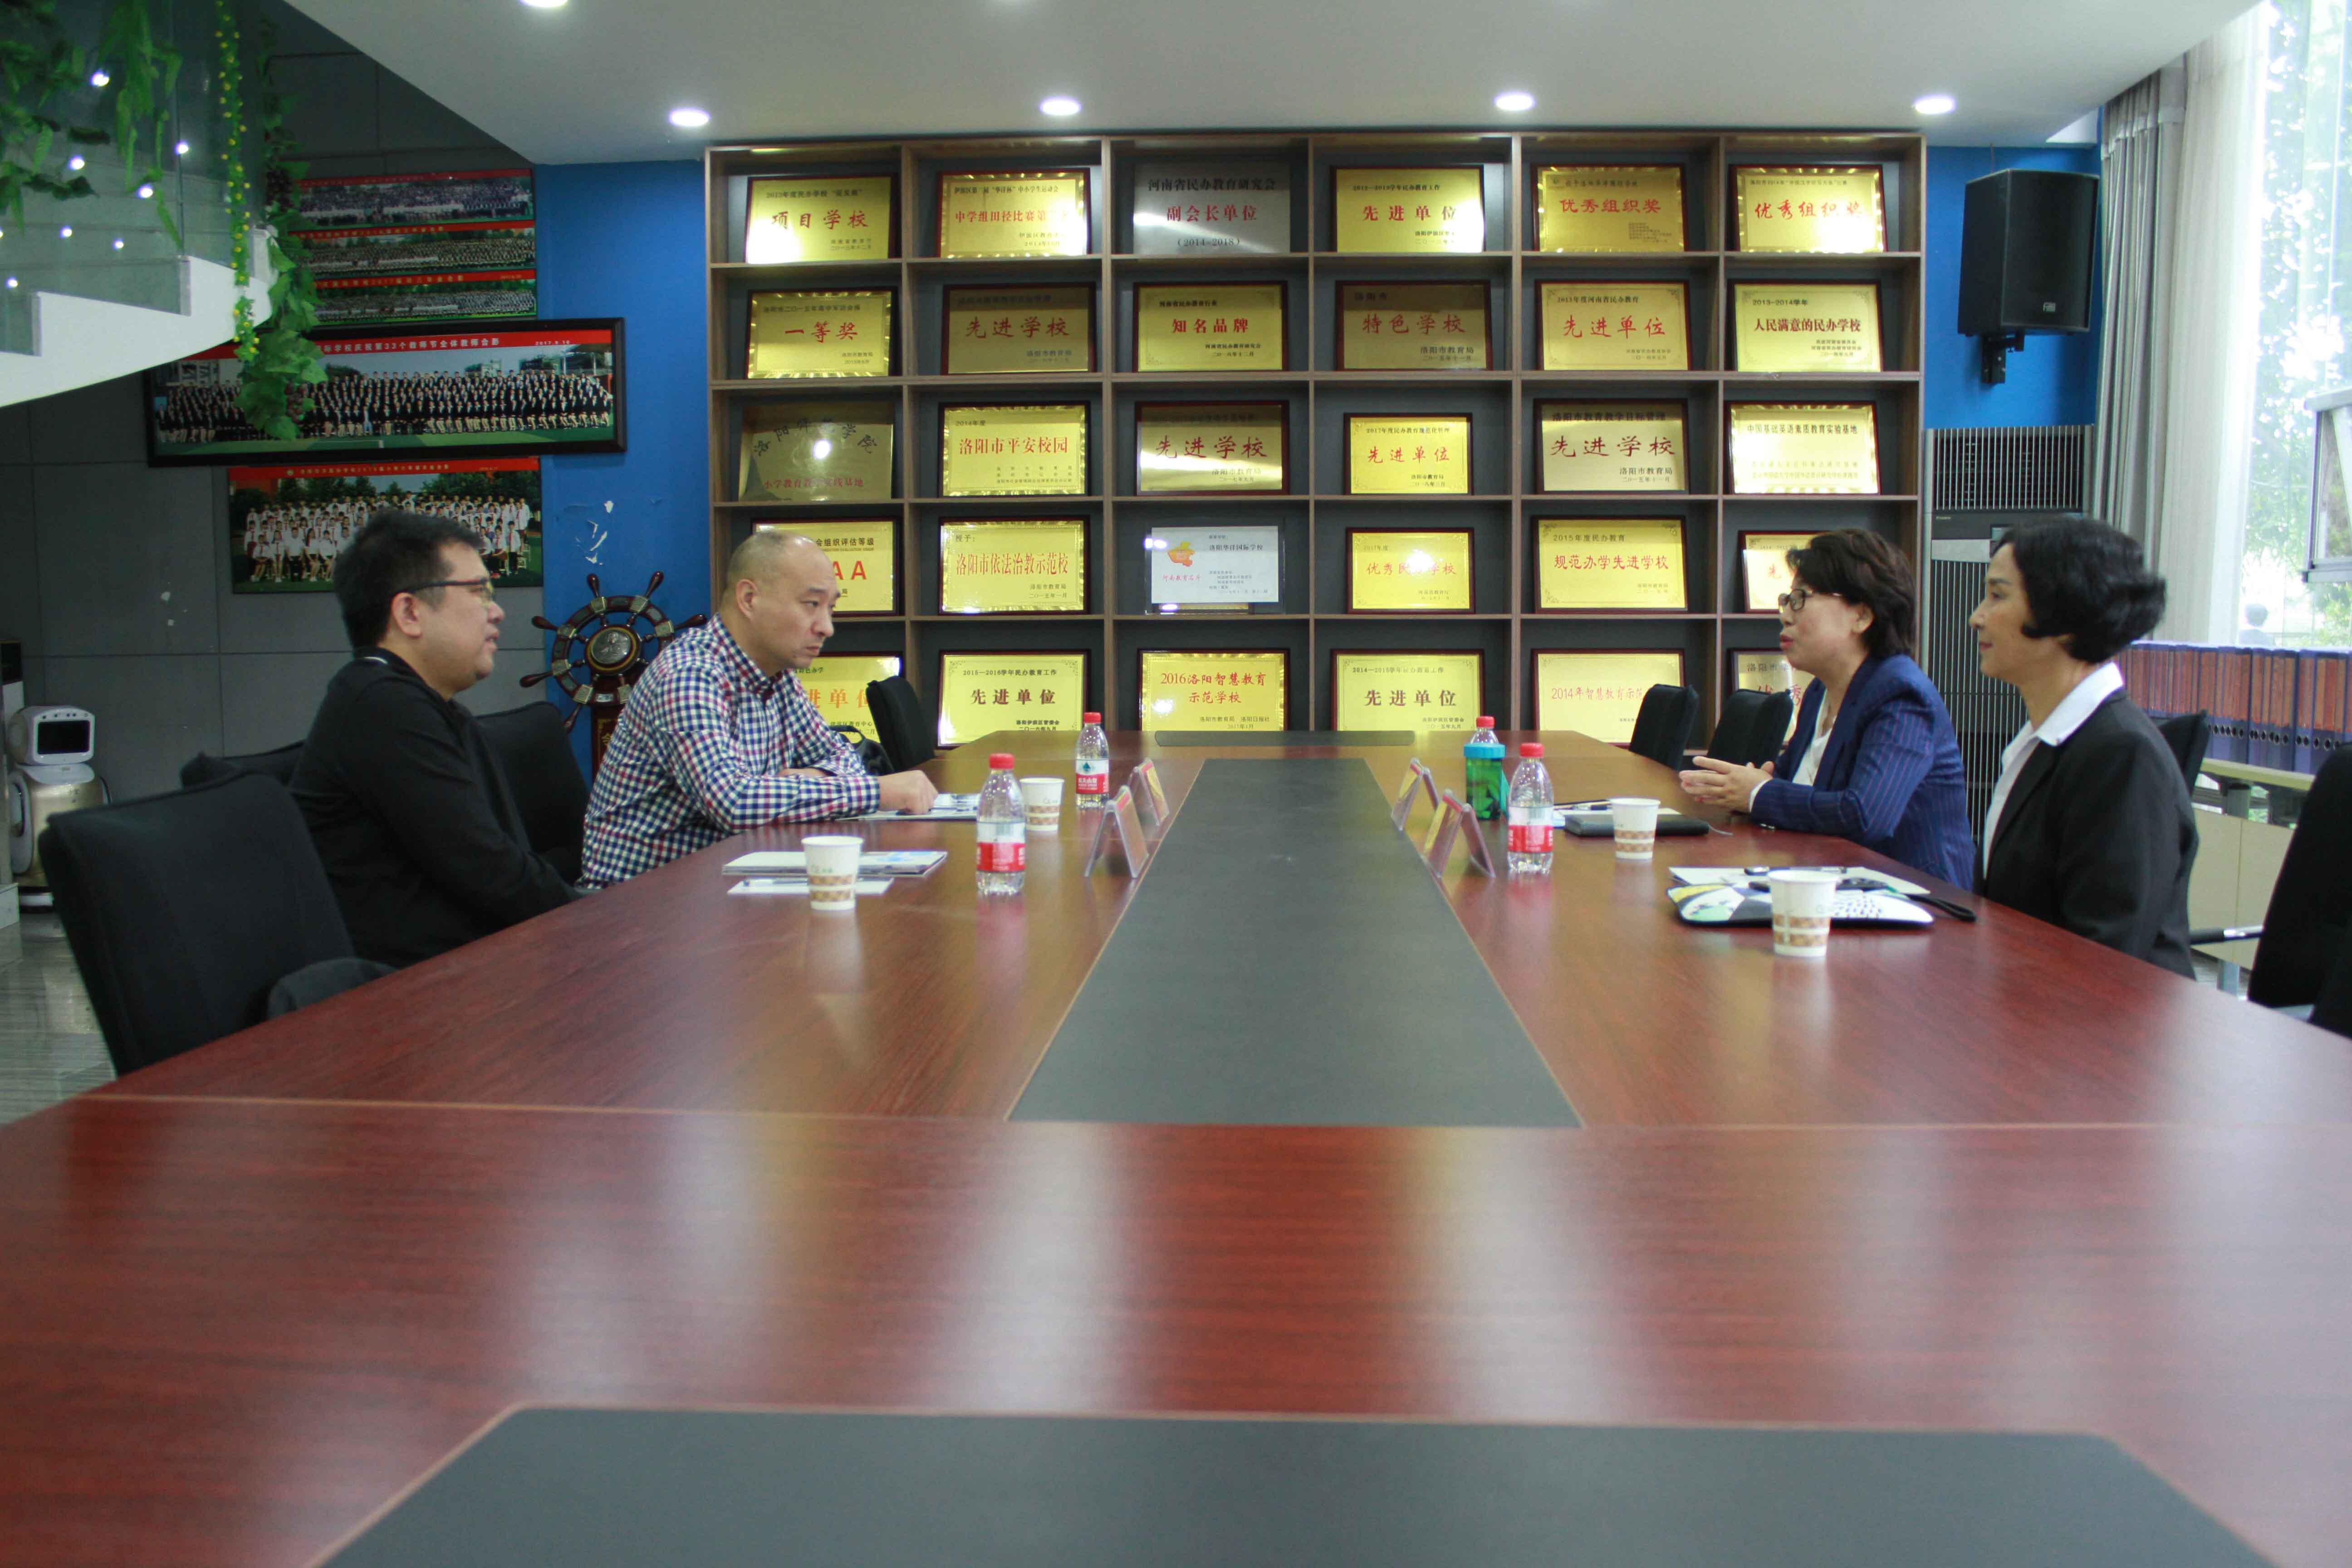 杭州树兰学校、周口郸城中学莅临洛阳华洋国际学校参观学习